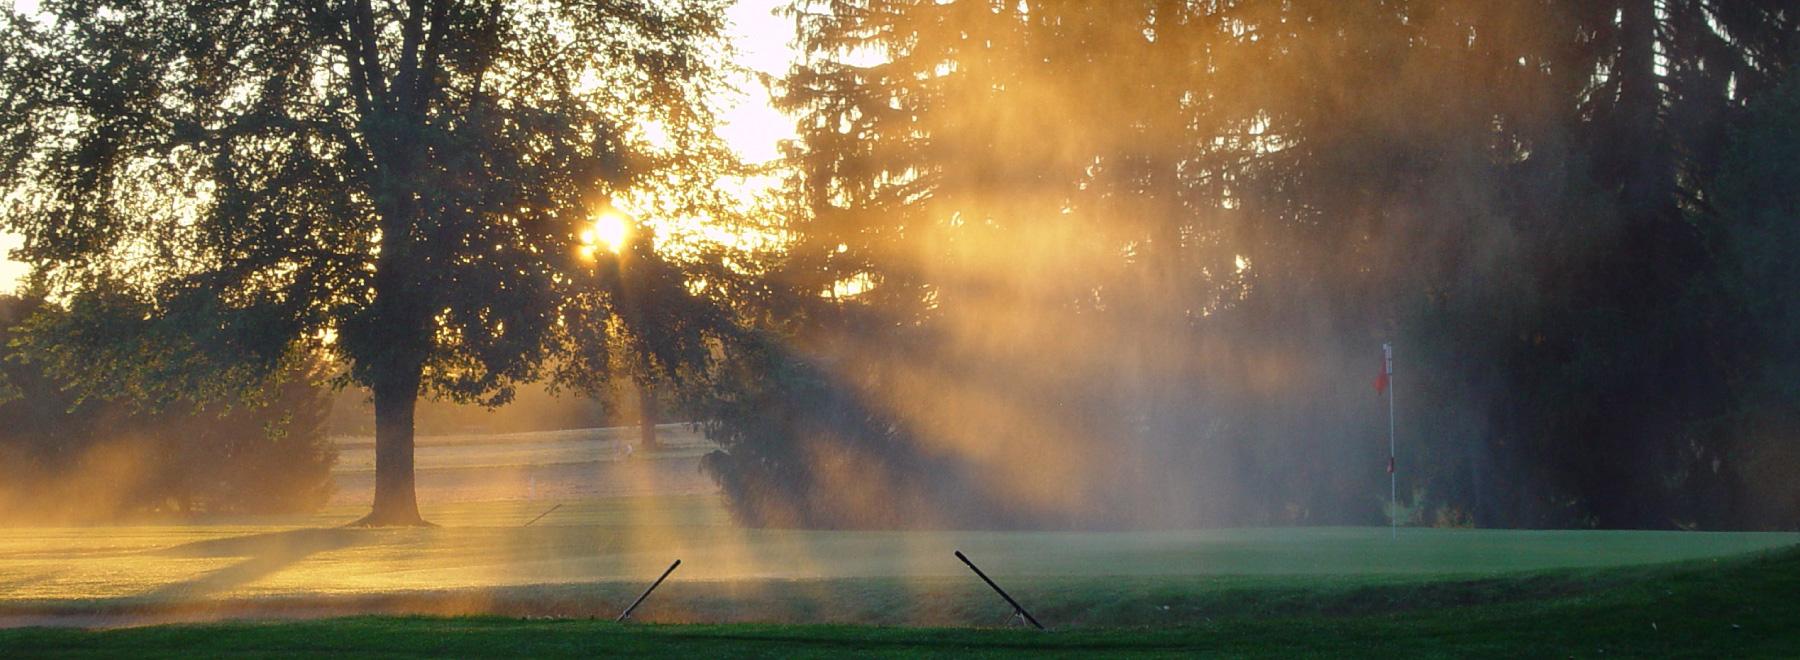 在Golf & Country Club Zürich打高尔夫